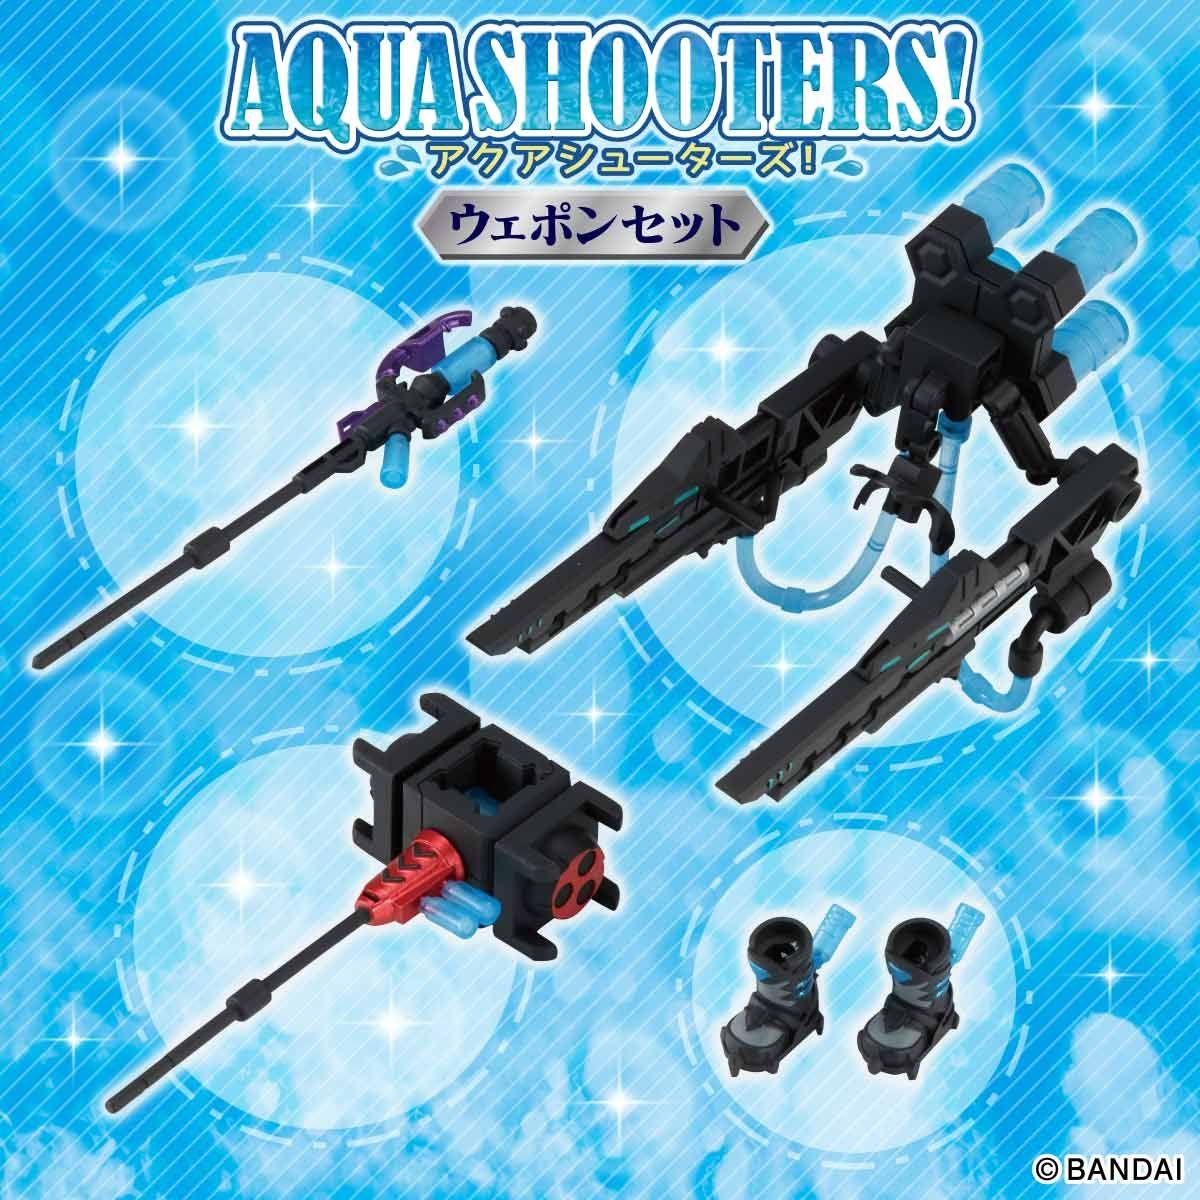 【限定販売】ガシャポン『AQUA SHOOTERS! ウェポンセット』デフォルメ可動フィギュア